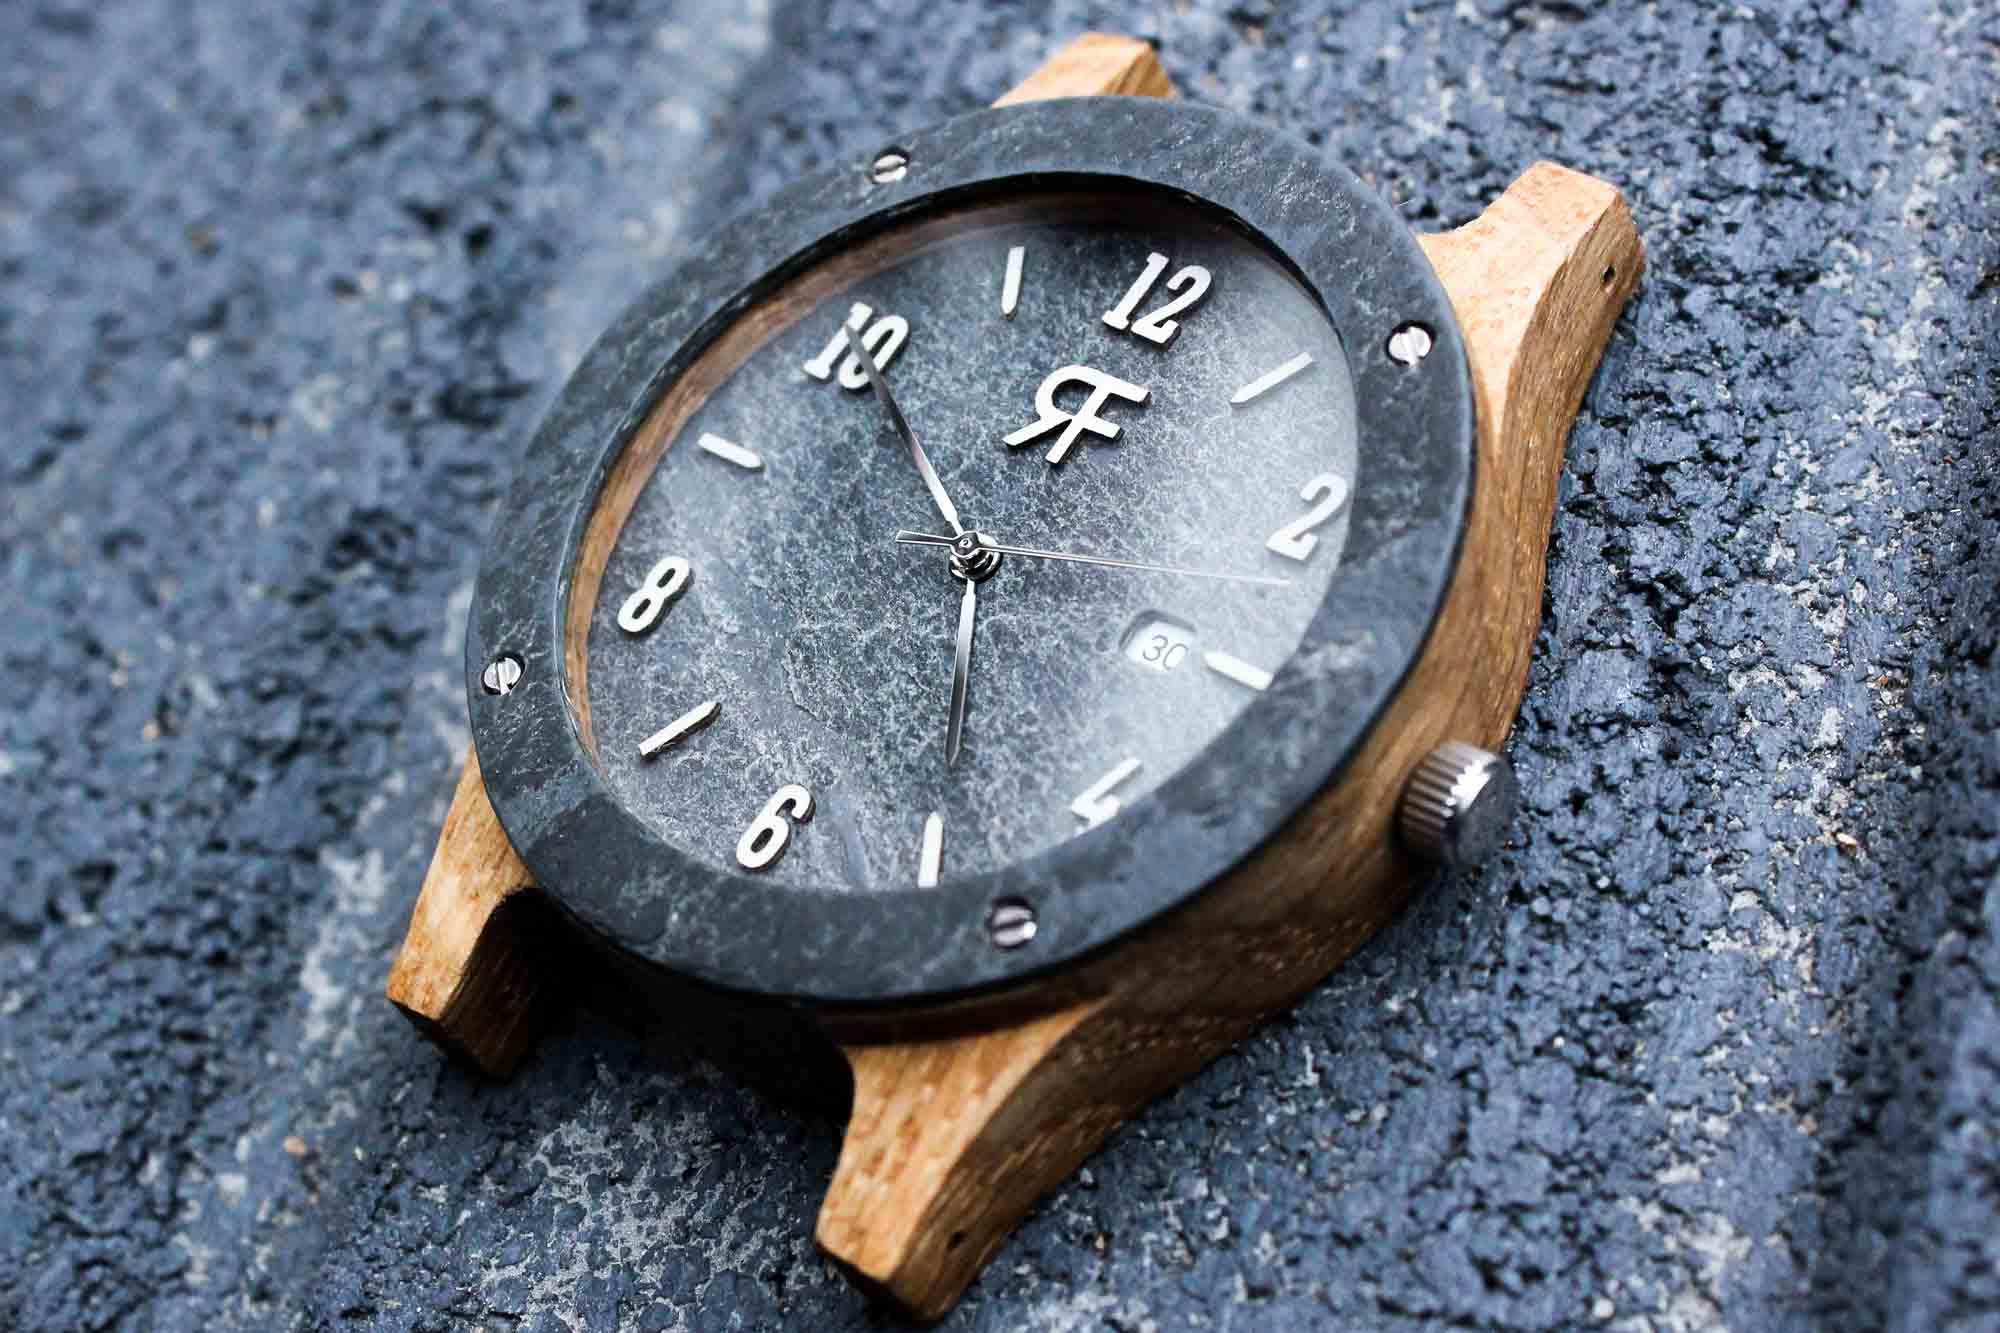 Zegarek drewniany Realforest Stone - kamień łupek